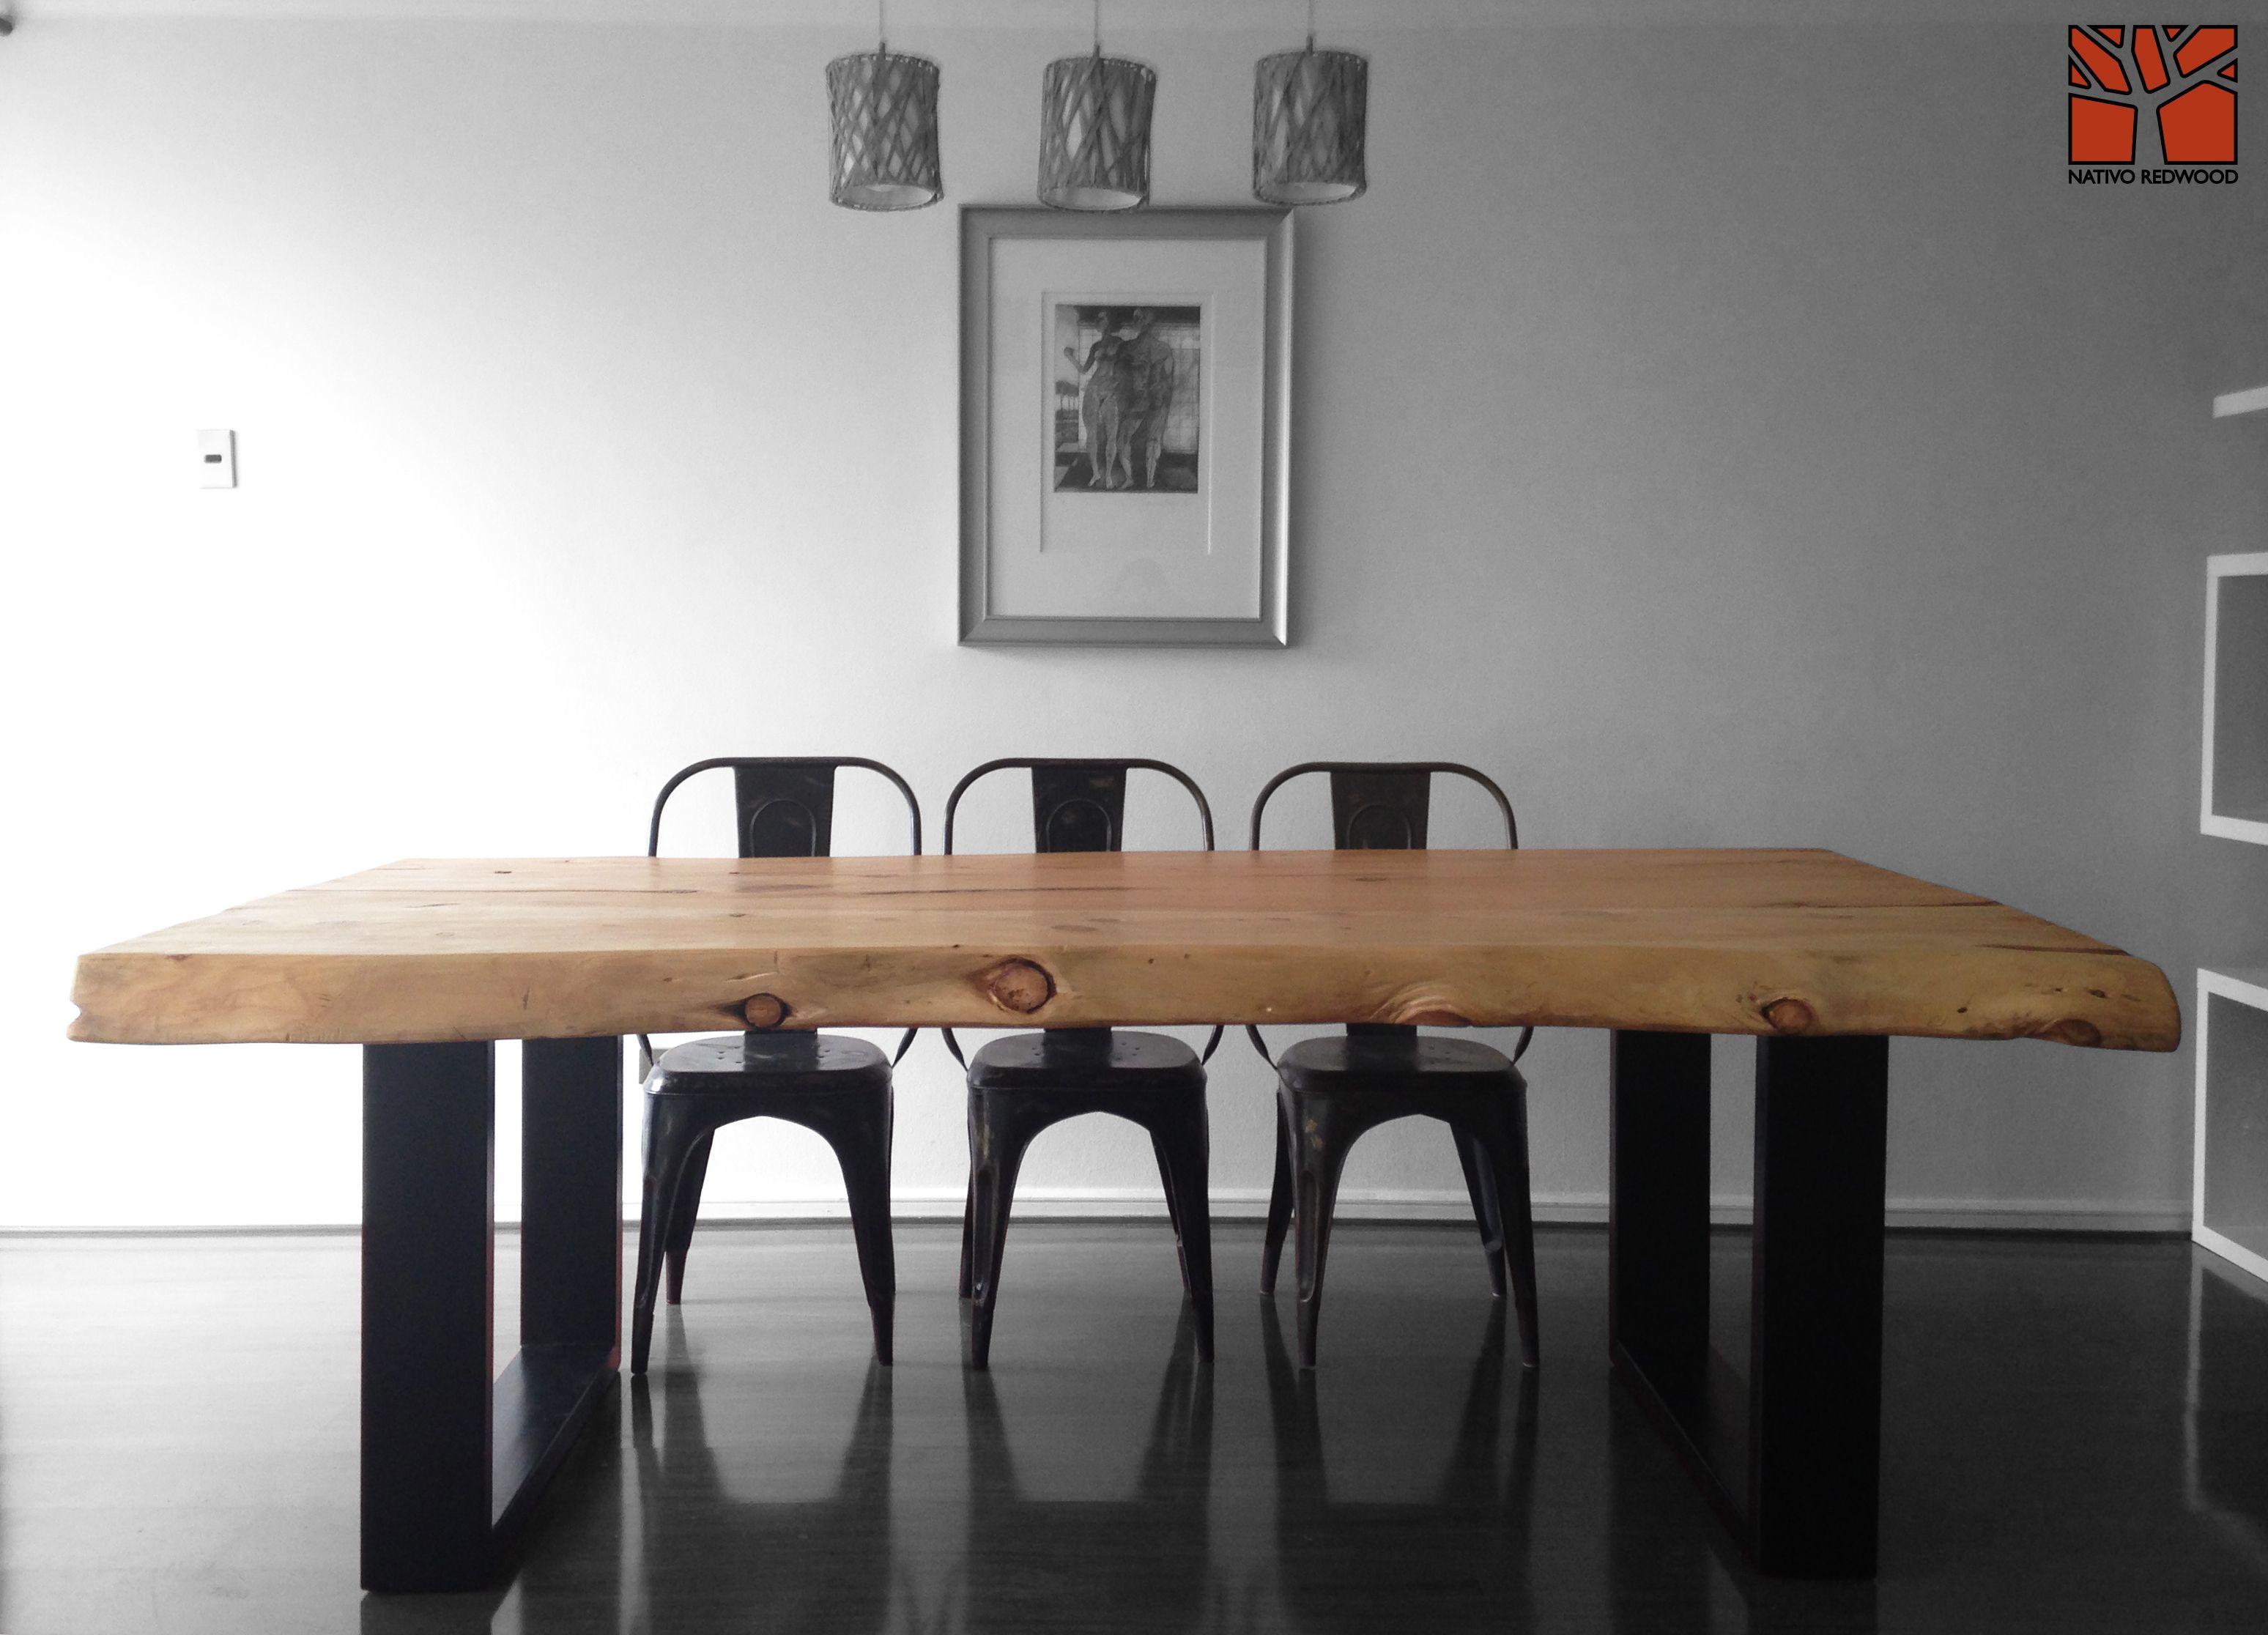 Nativo redwood mesa comedor con cubierta de madera de cipres con base de fierro - Casa base milano ...